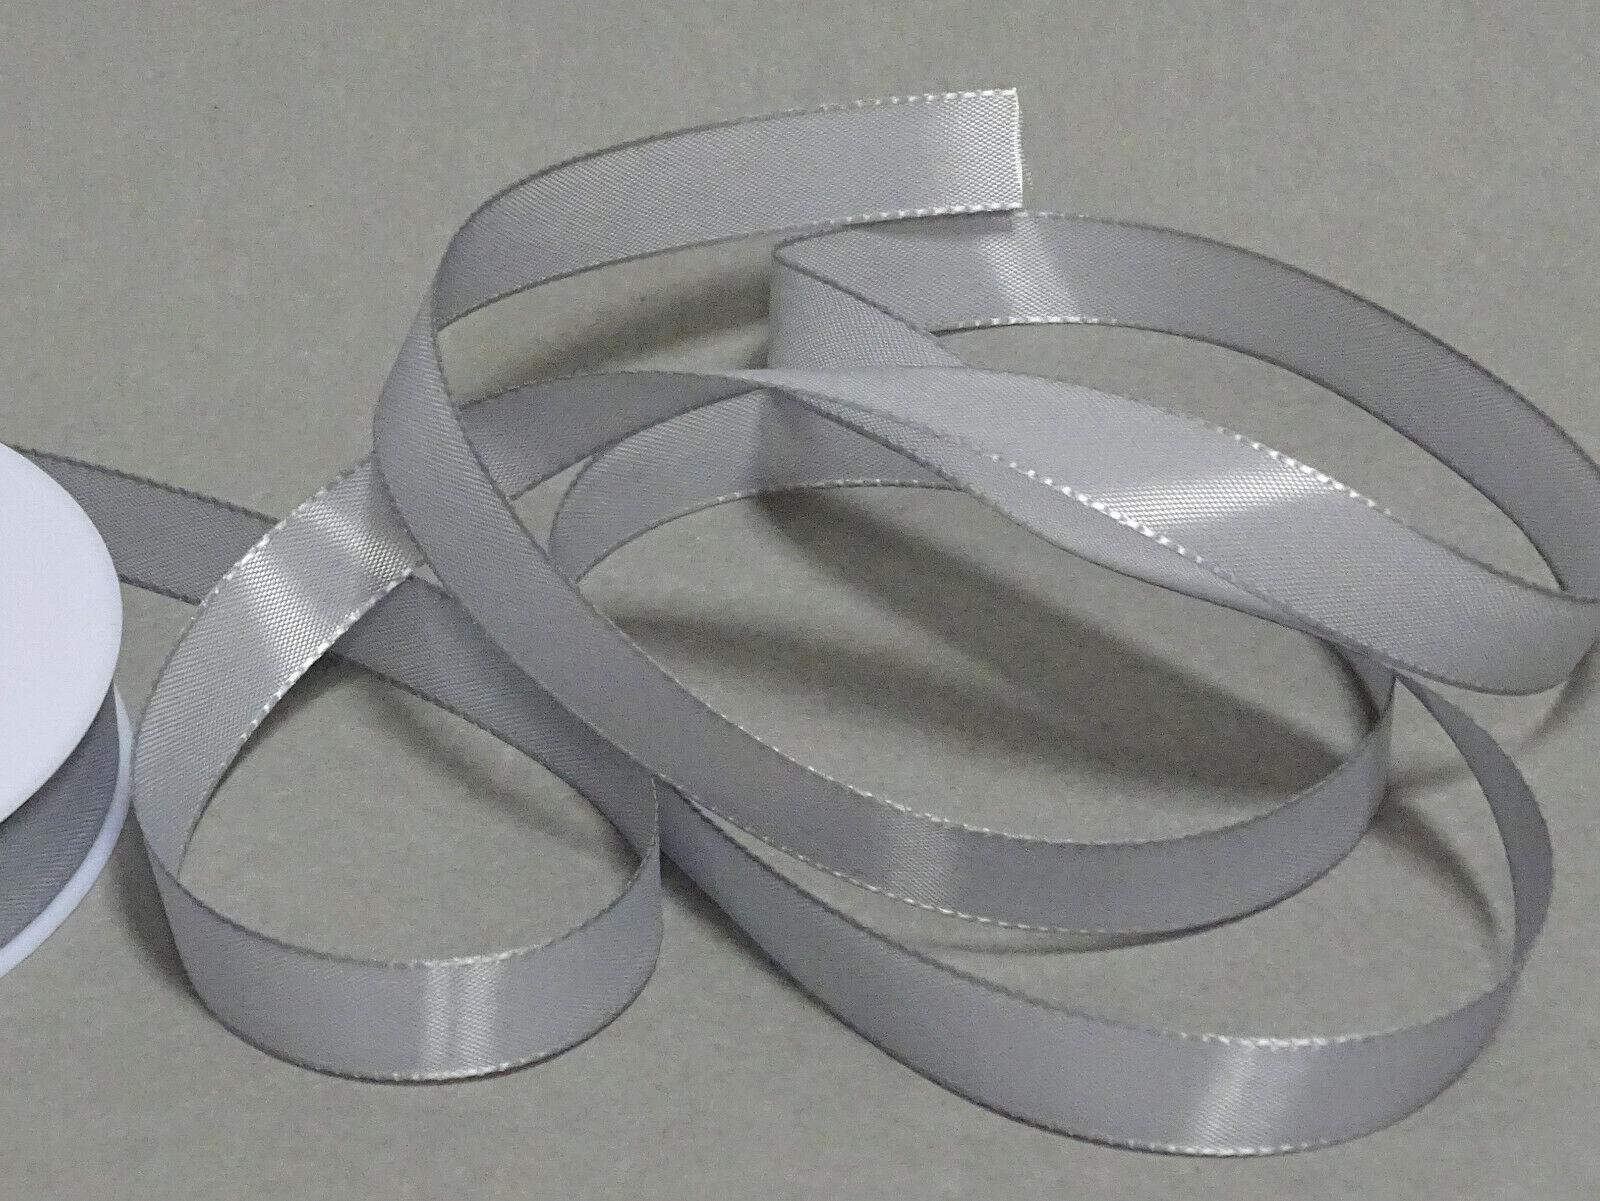 Seidenband Schleifenband 50 m x 15 mm / 40 mm Dekoband ab 0,08 €/m Geschenkband  - Silber-Grau 903, 15 mm x 50 m